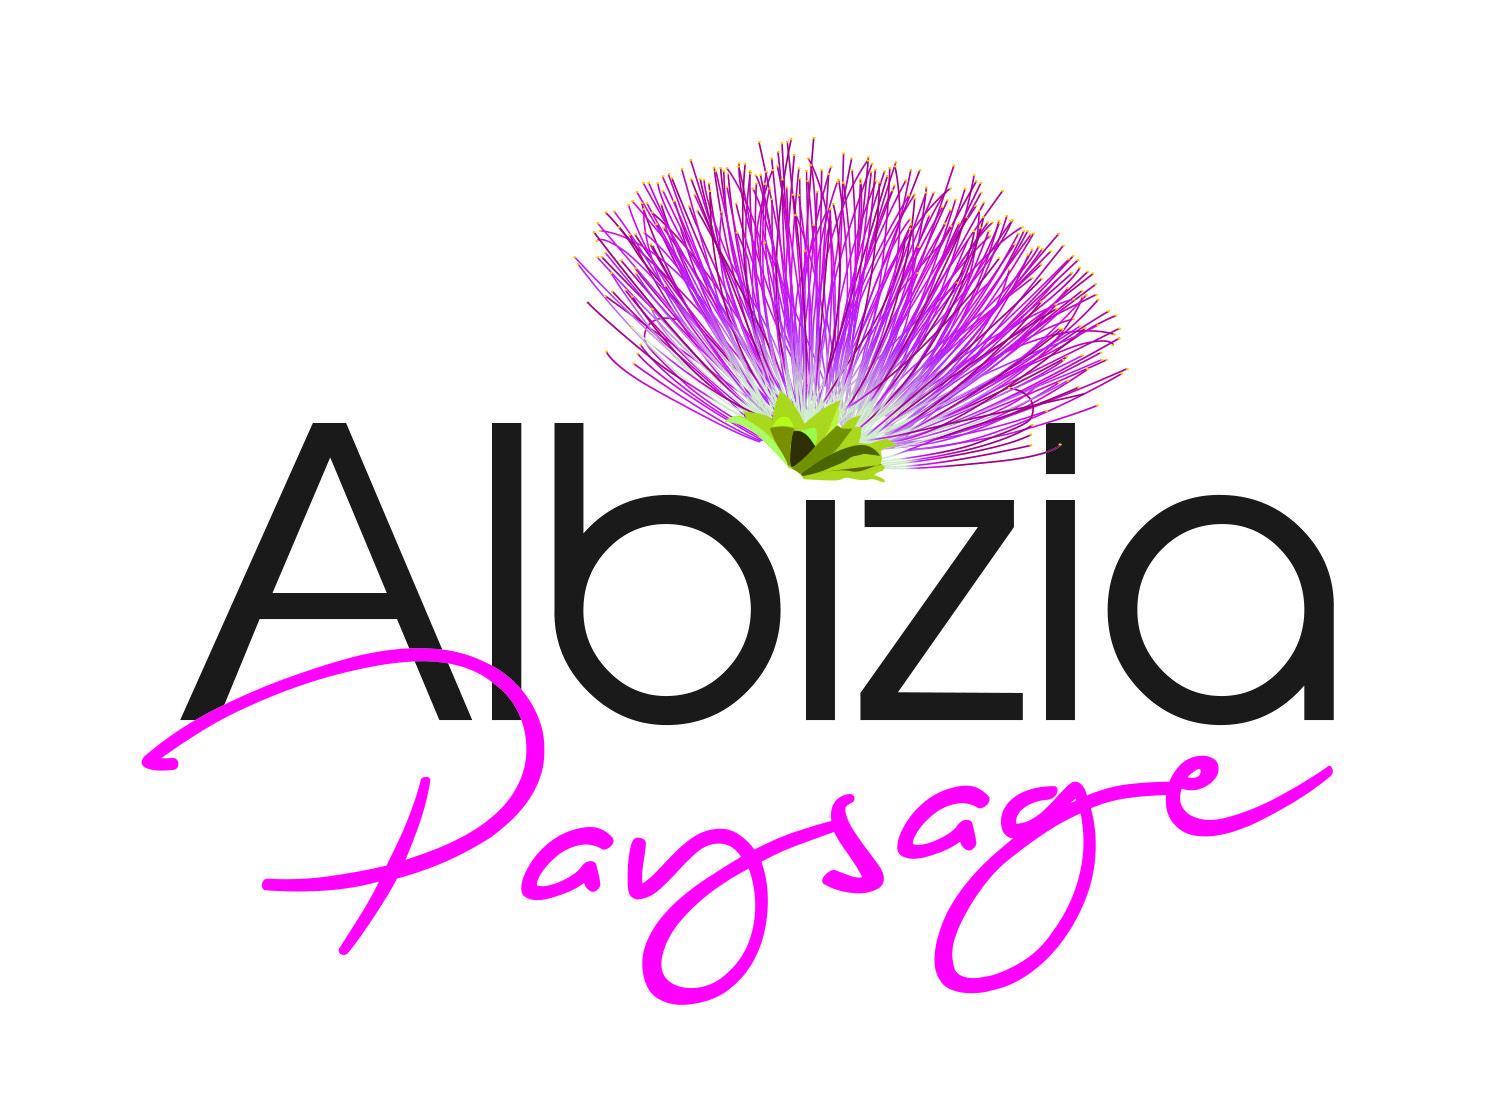 Albizia paysage